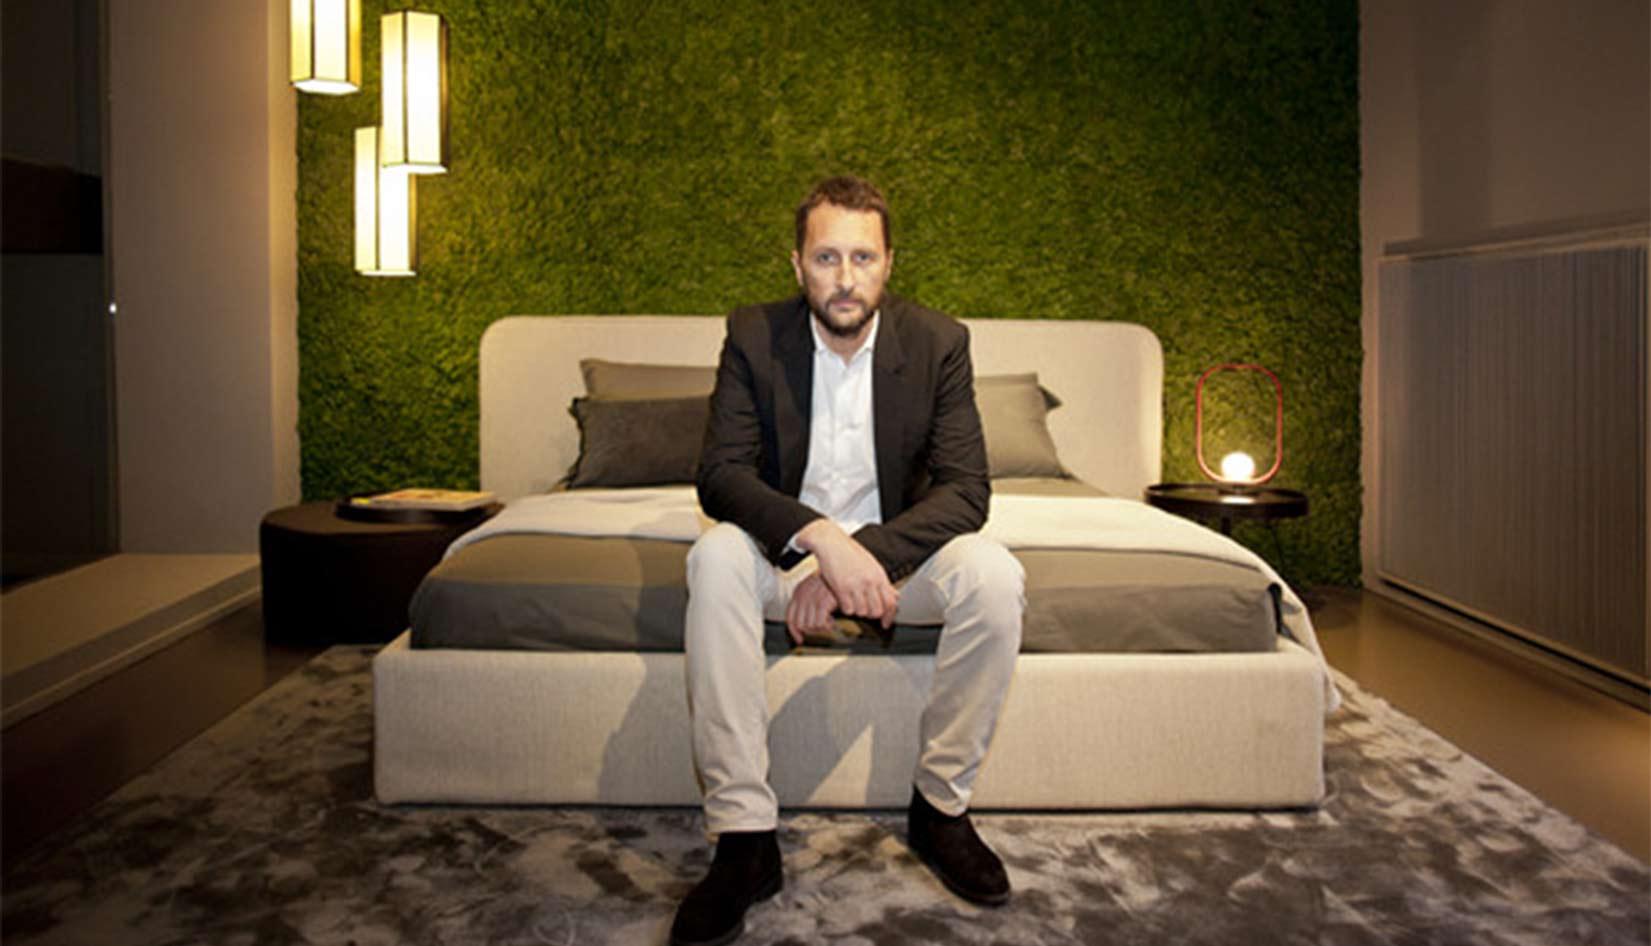 Gặp gỡ Corrado Dotti – Cha đẻ của những thiết kế sofa đẳng cấp hàng đầu Chateau d'Ax